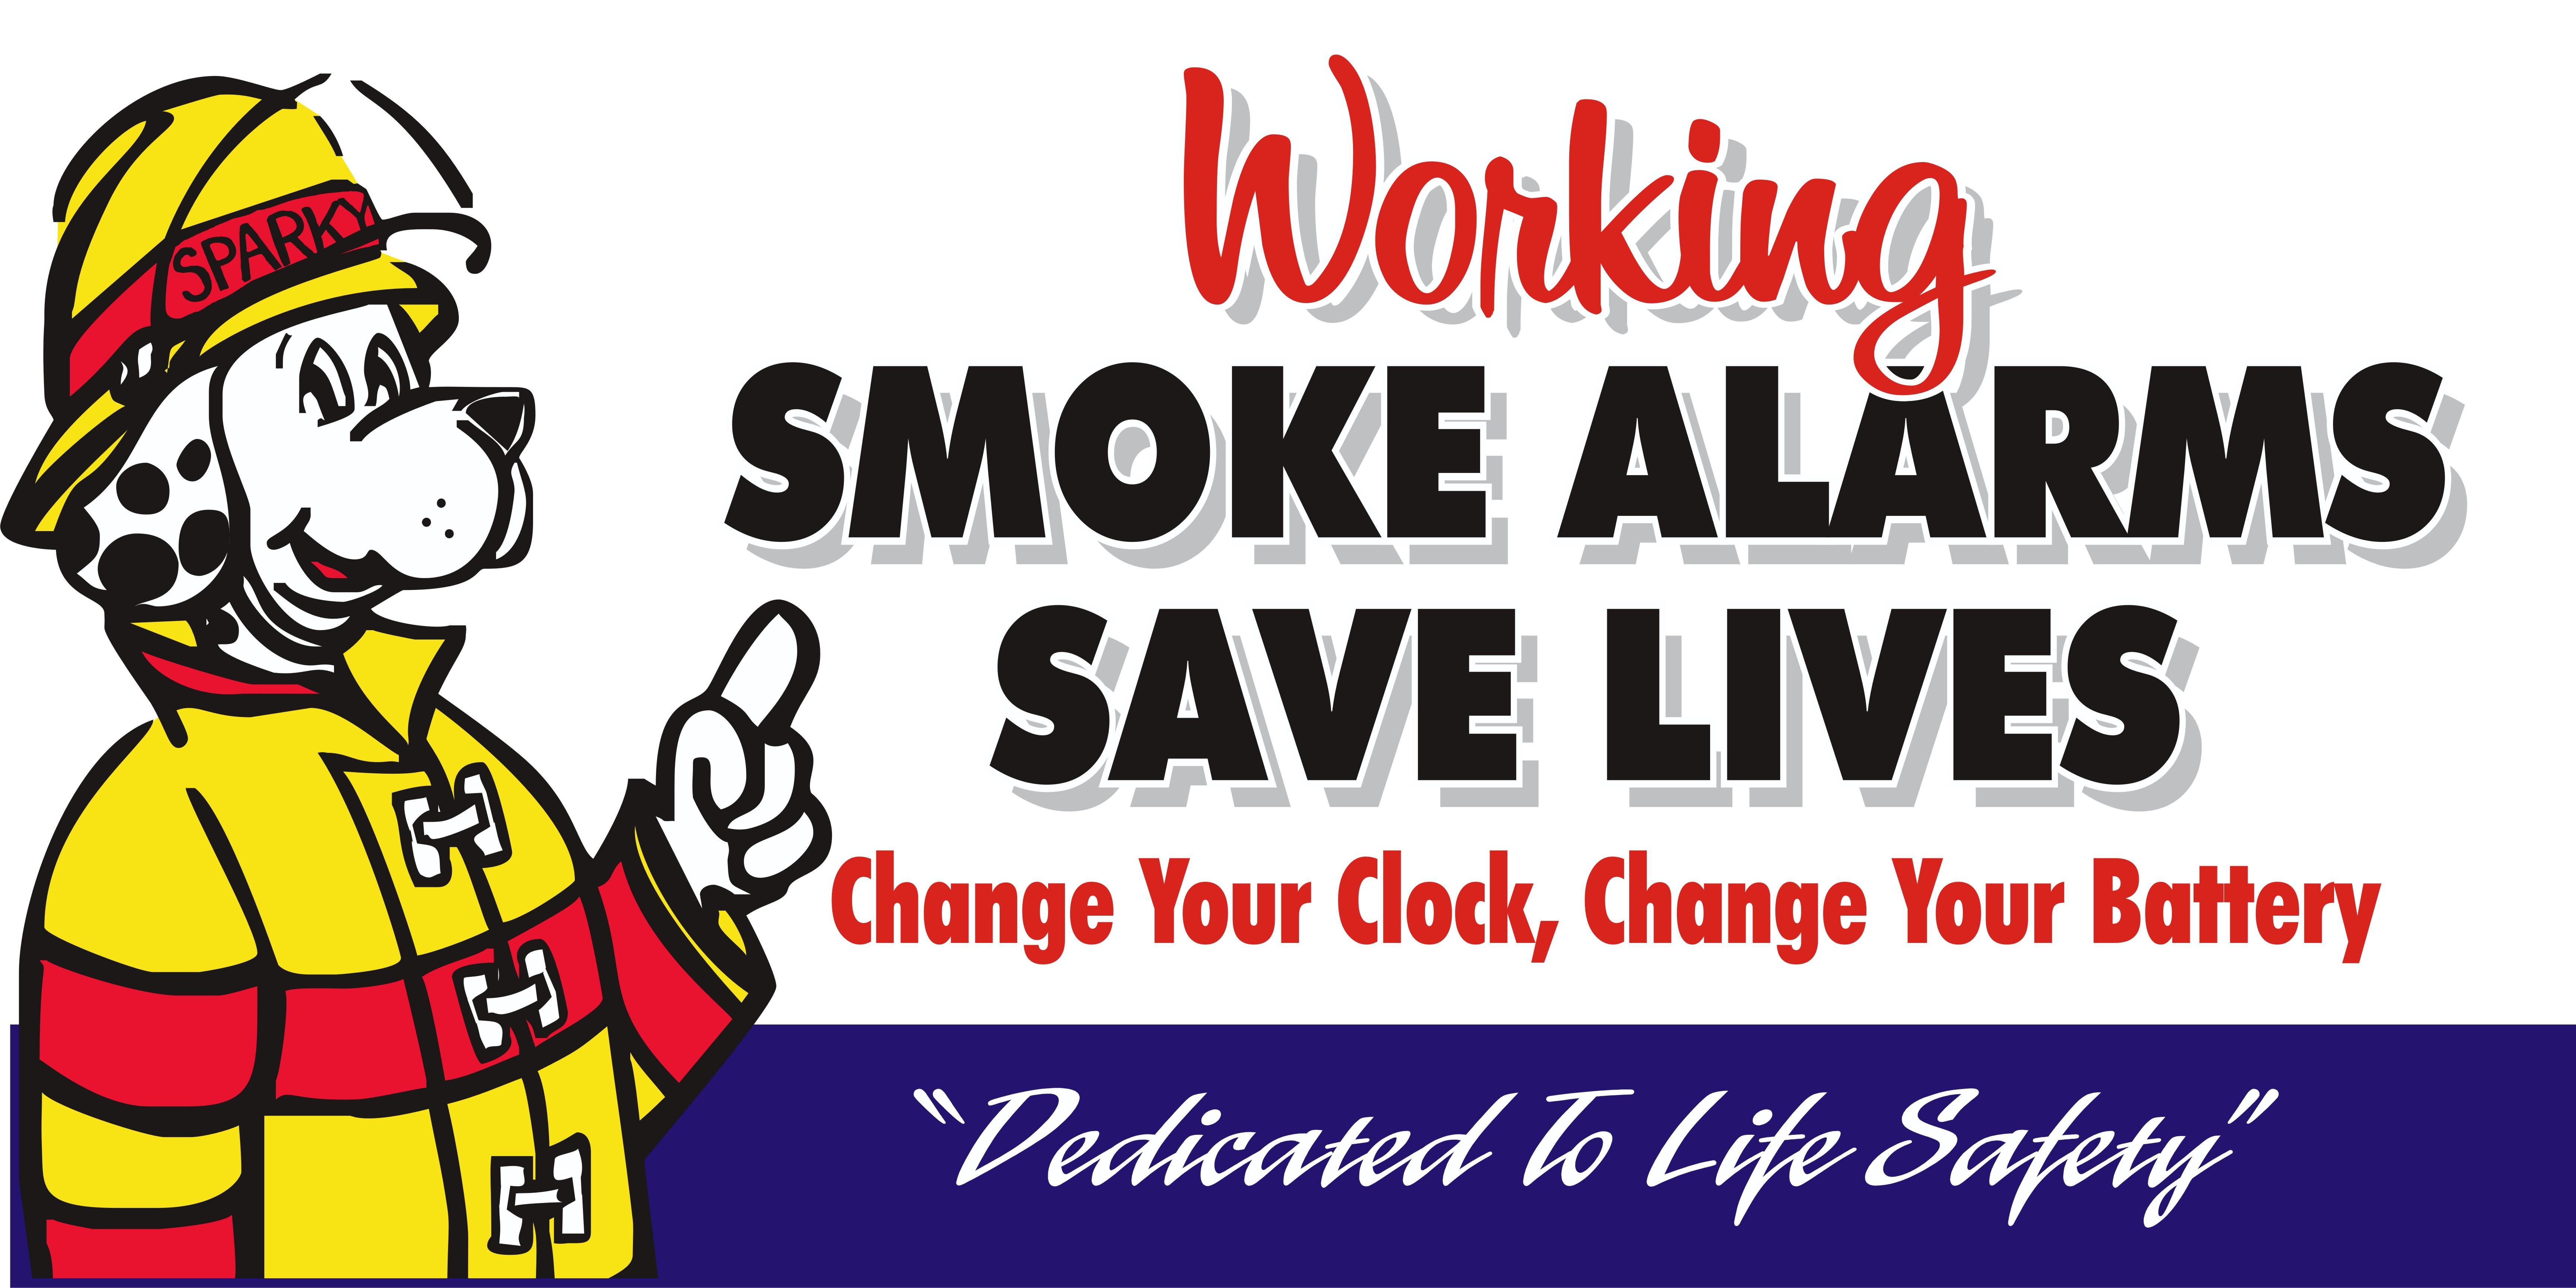 SMOKE ALARMS SAVE LIVES.